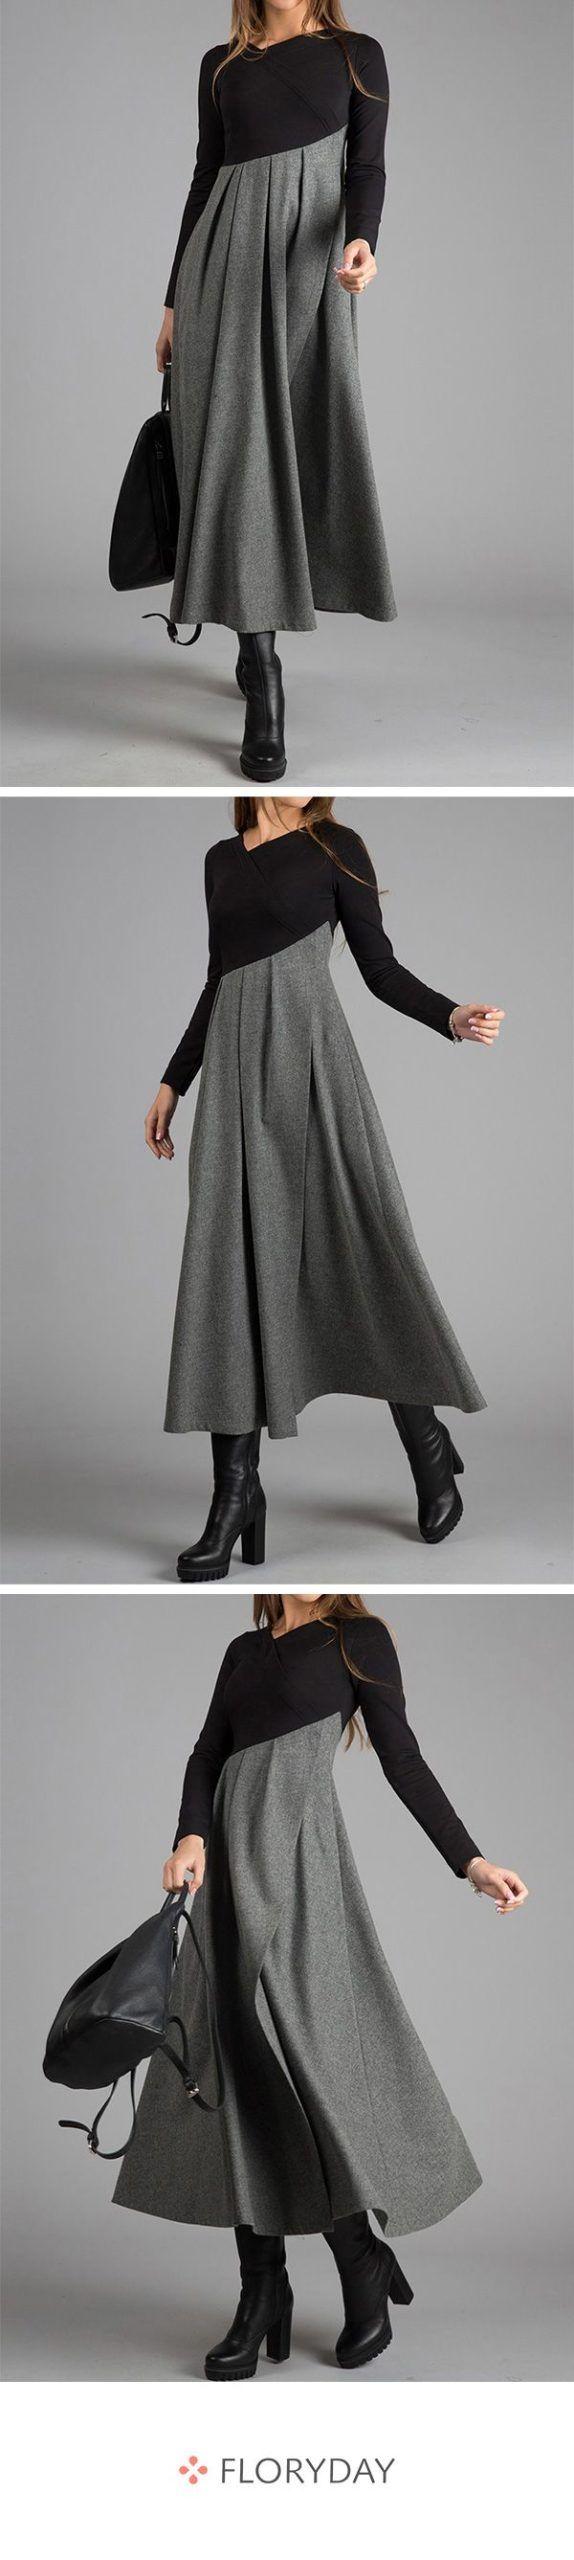 mittellange kleider in a-linie mit langen Ärmeln | fashion